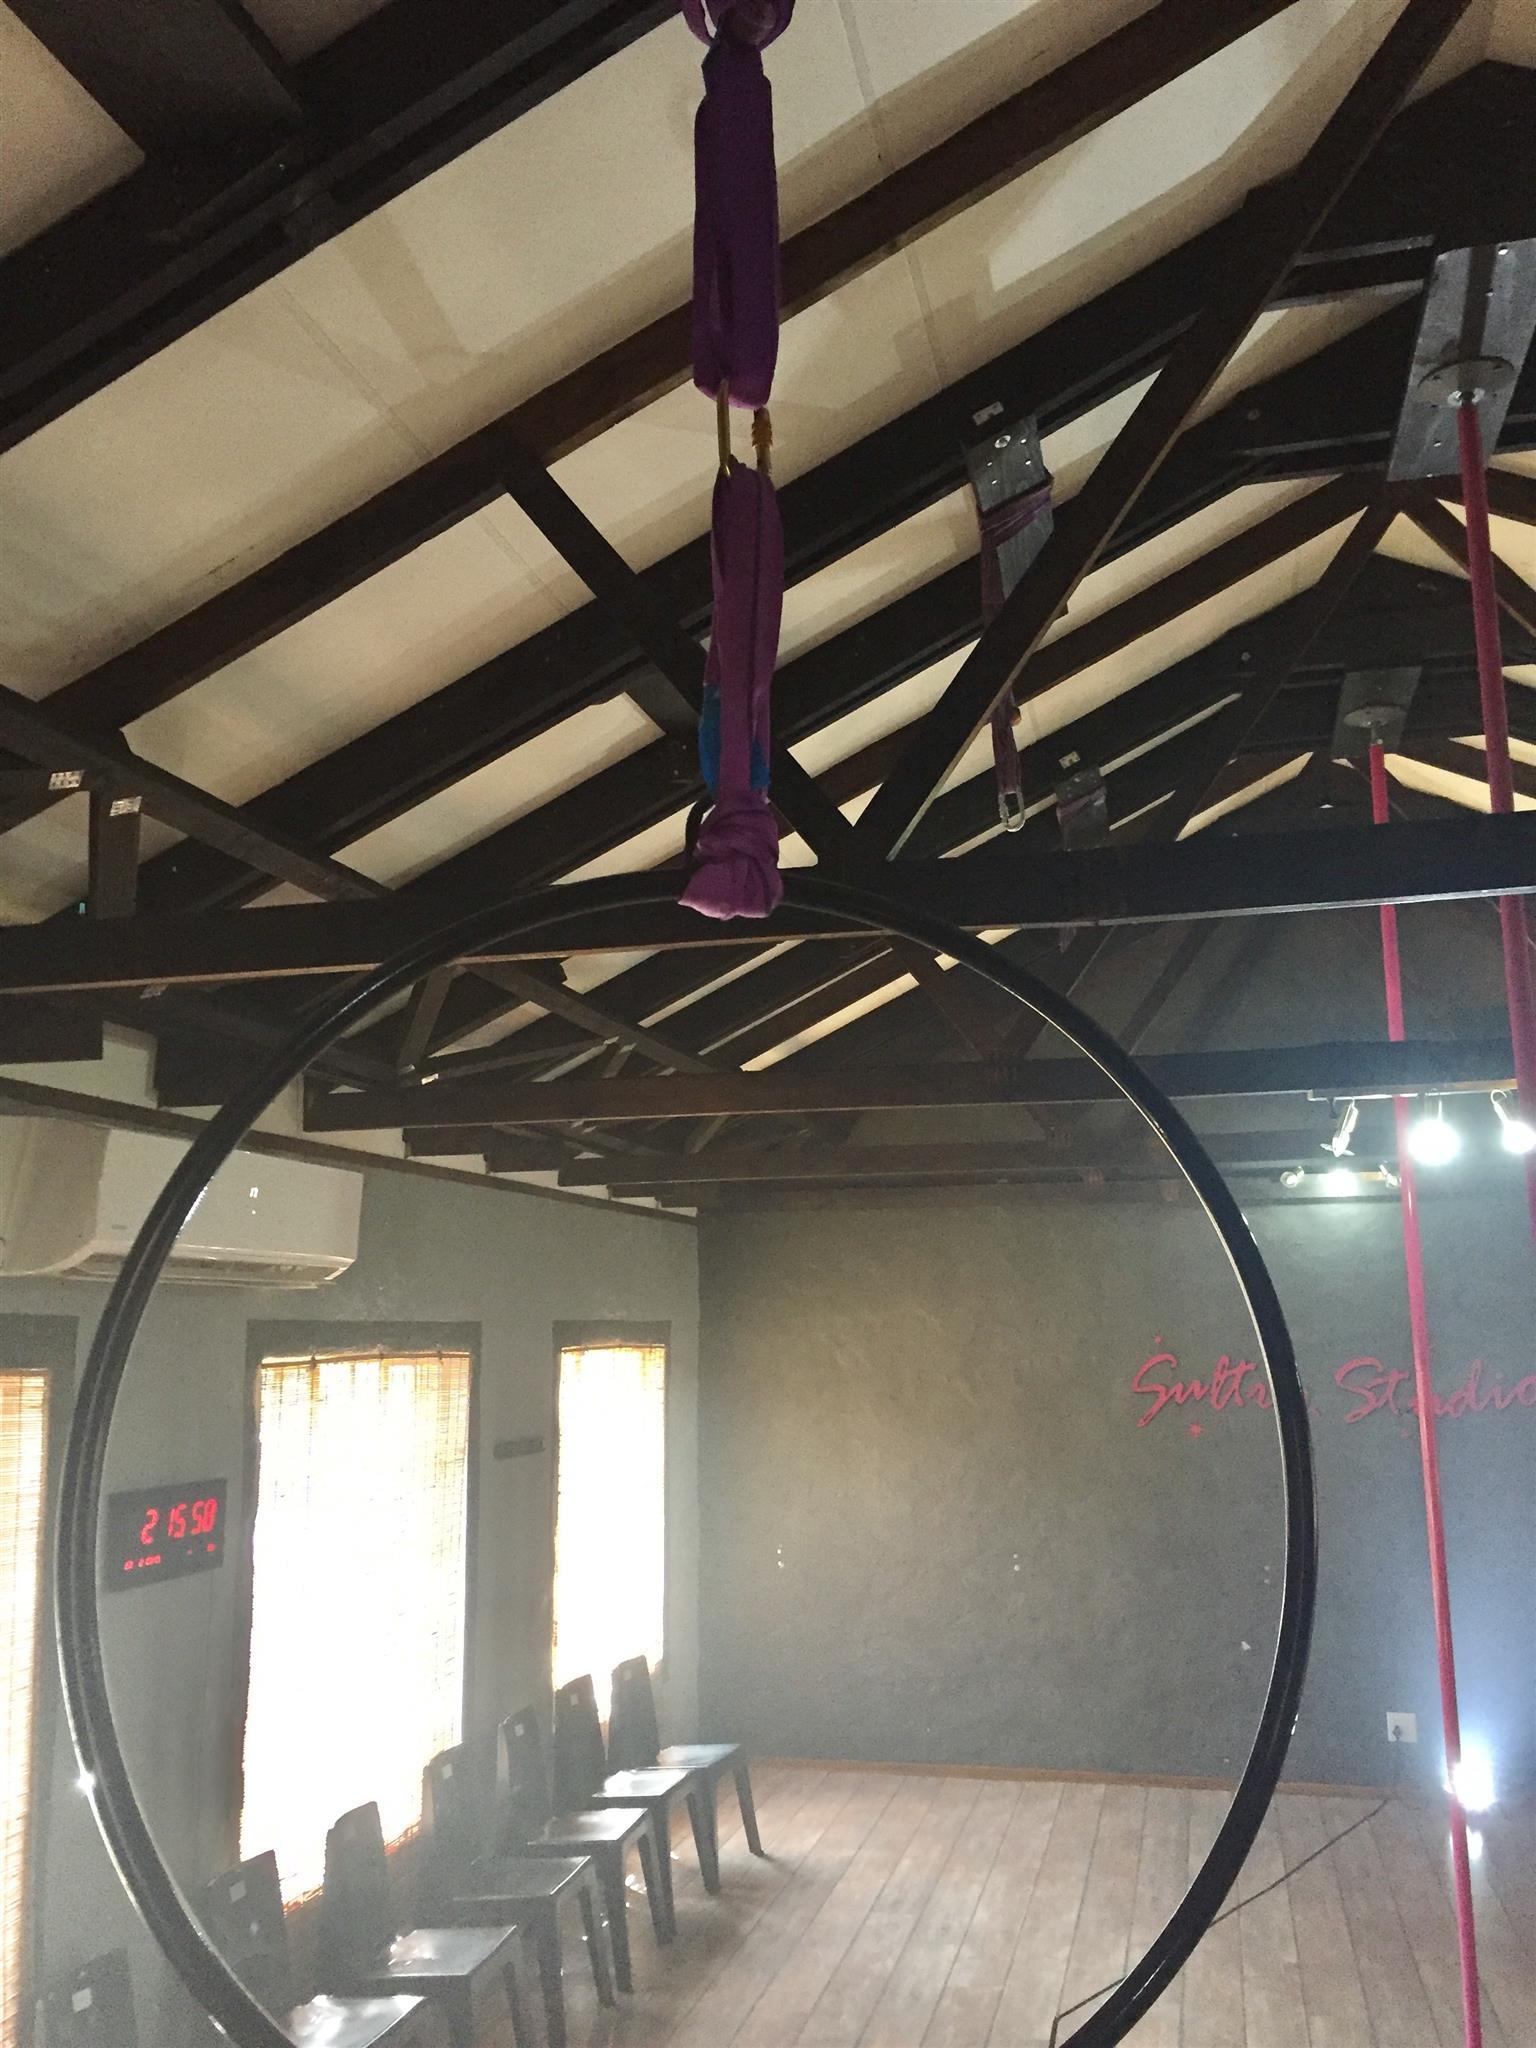 Professional Aerial Hoops (Lyra)